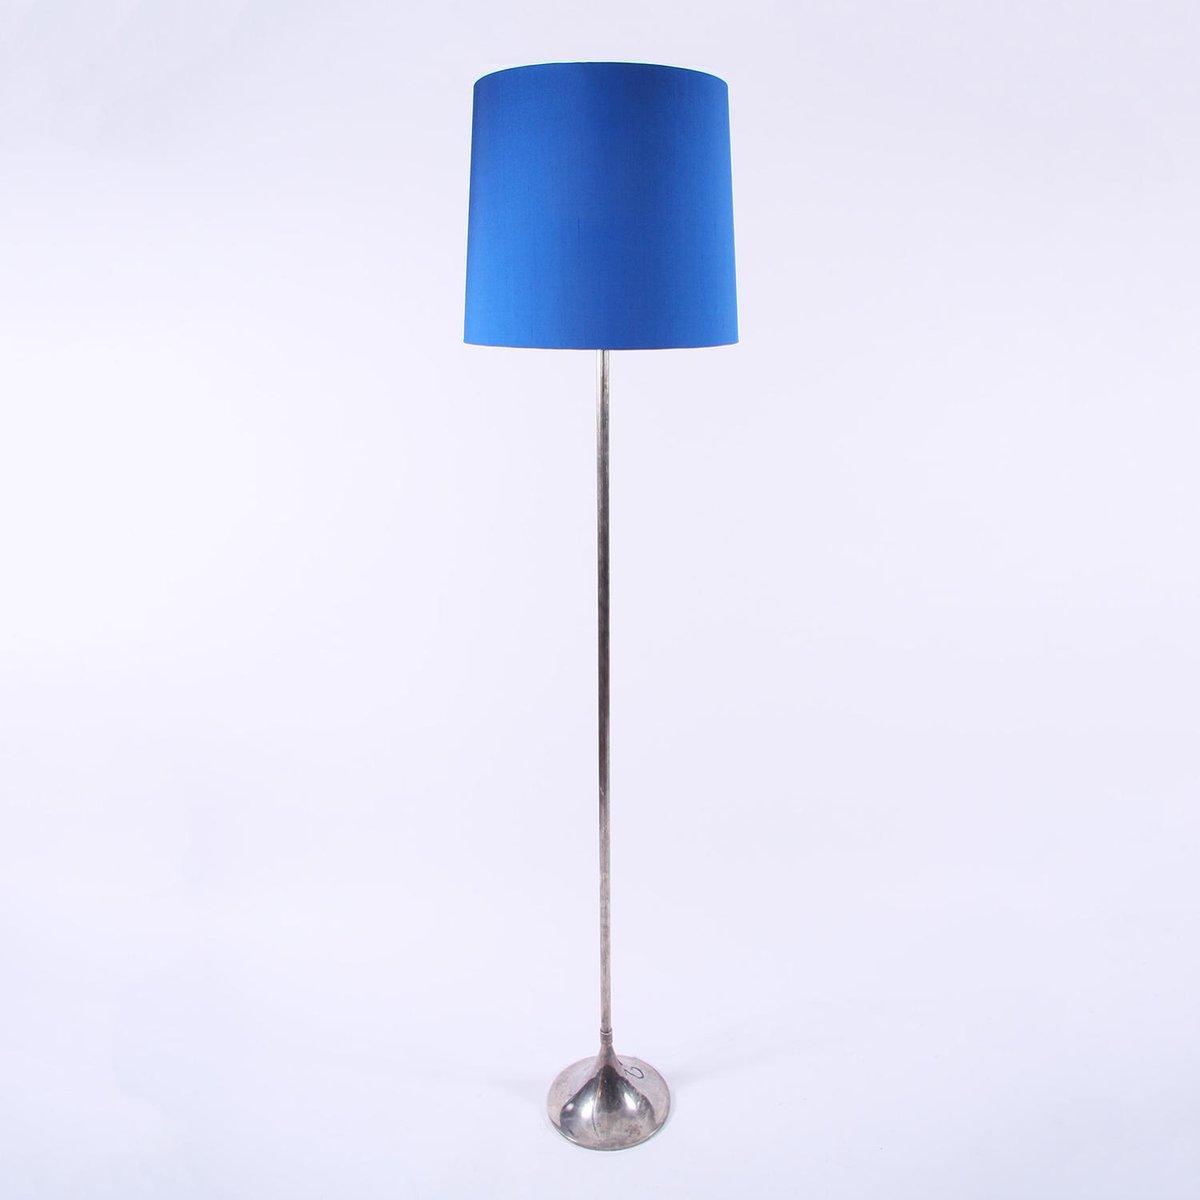 Versilberte Vintage Stehlampe